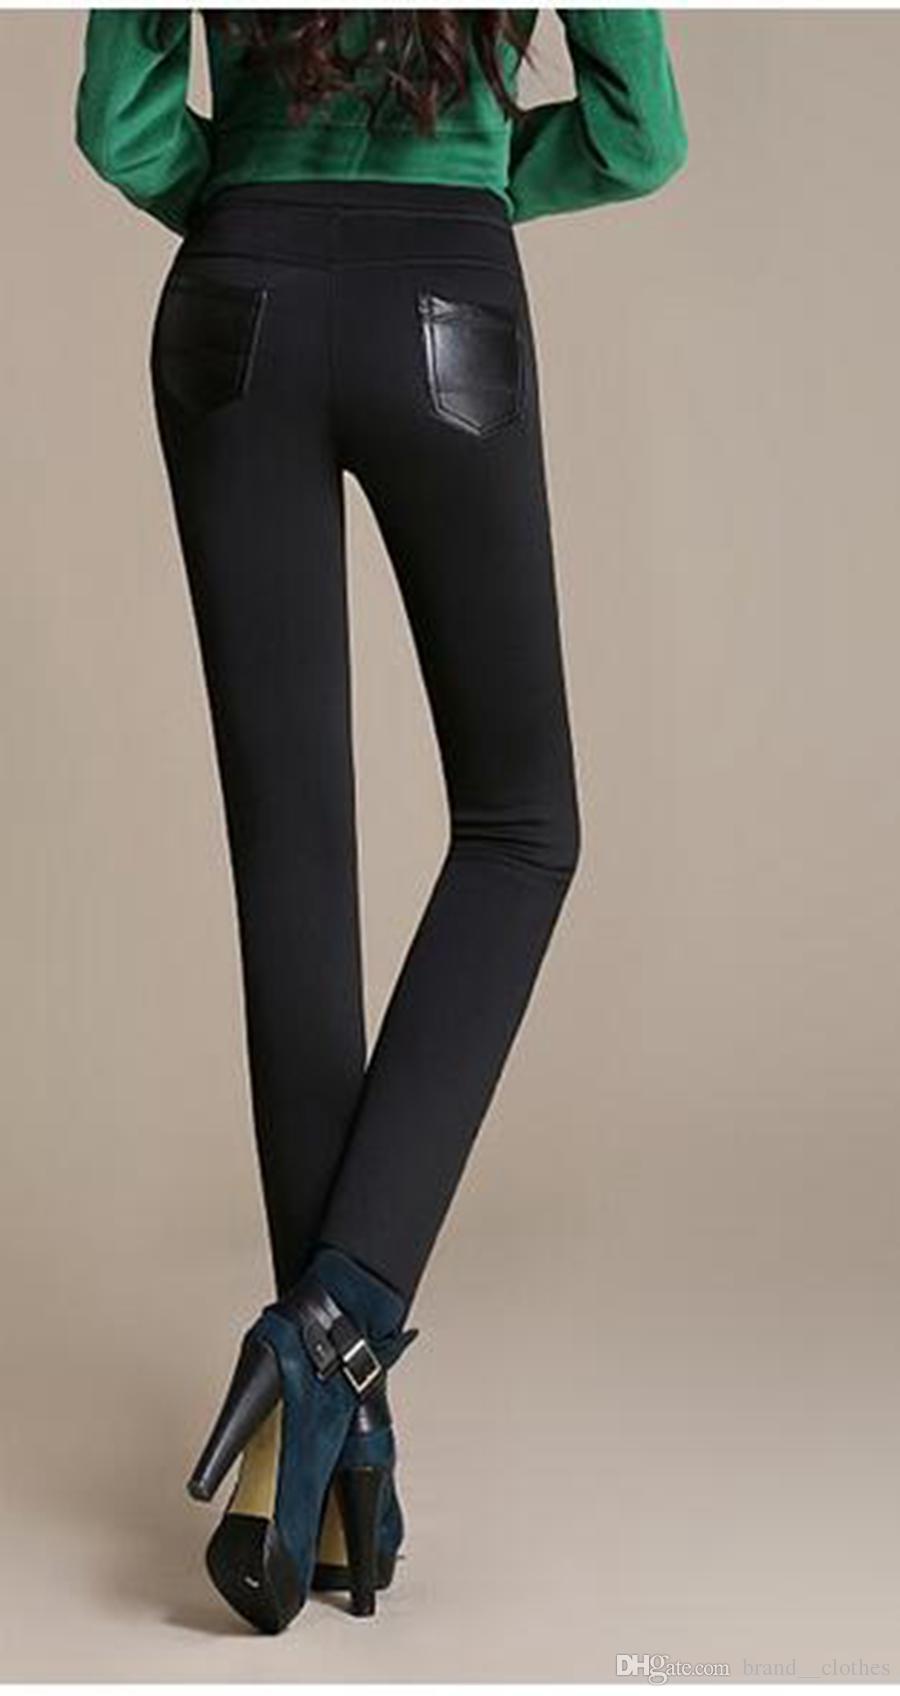 양 한판 본격적인 레저 패션과 머리카락 짙어지면서 따뜻한 겨울 새로운 꽉 가죽 바지 얇은 바느질 피트 연필을 보여줍니다. S - 3xl